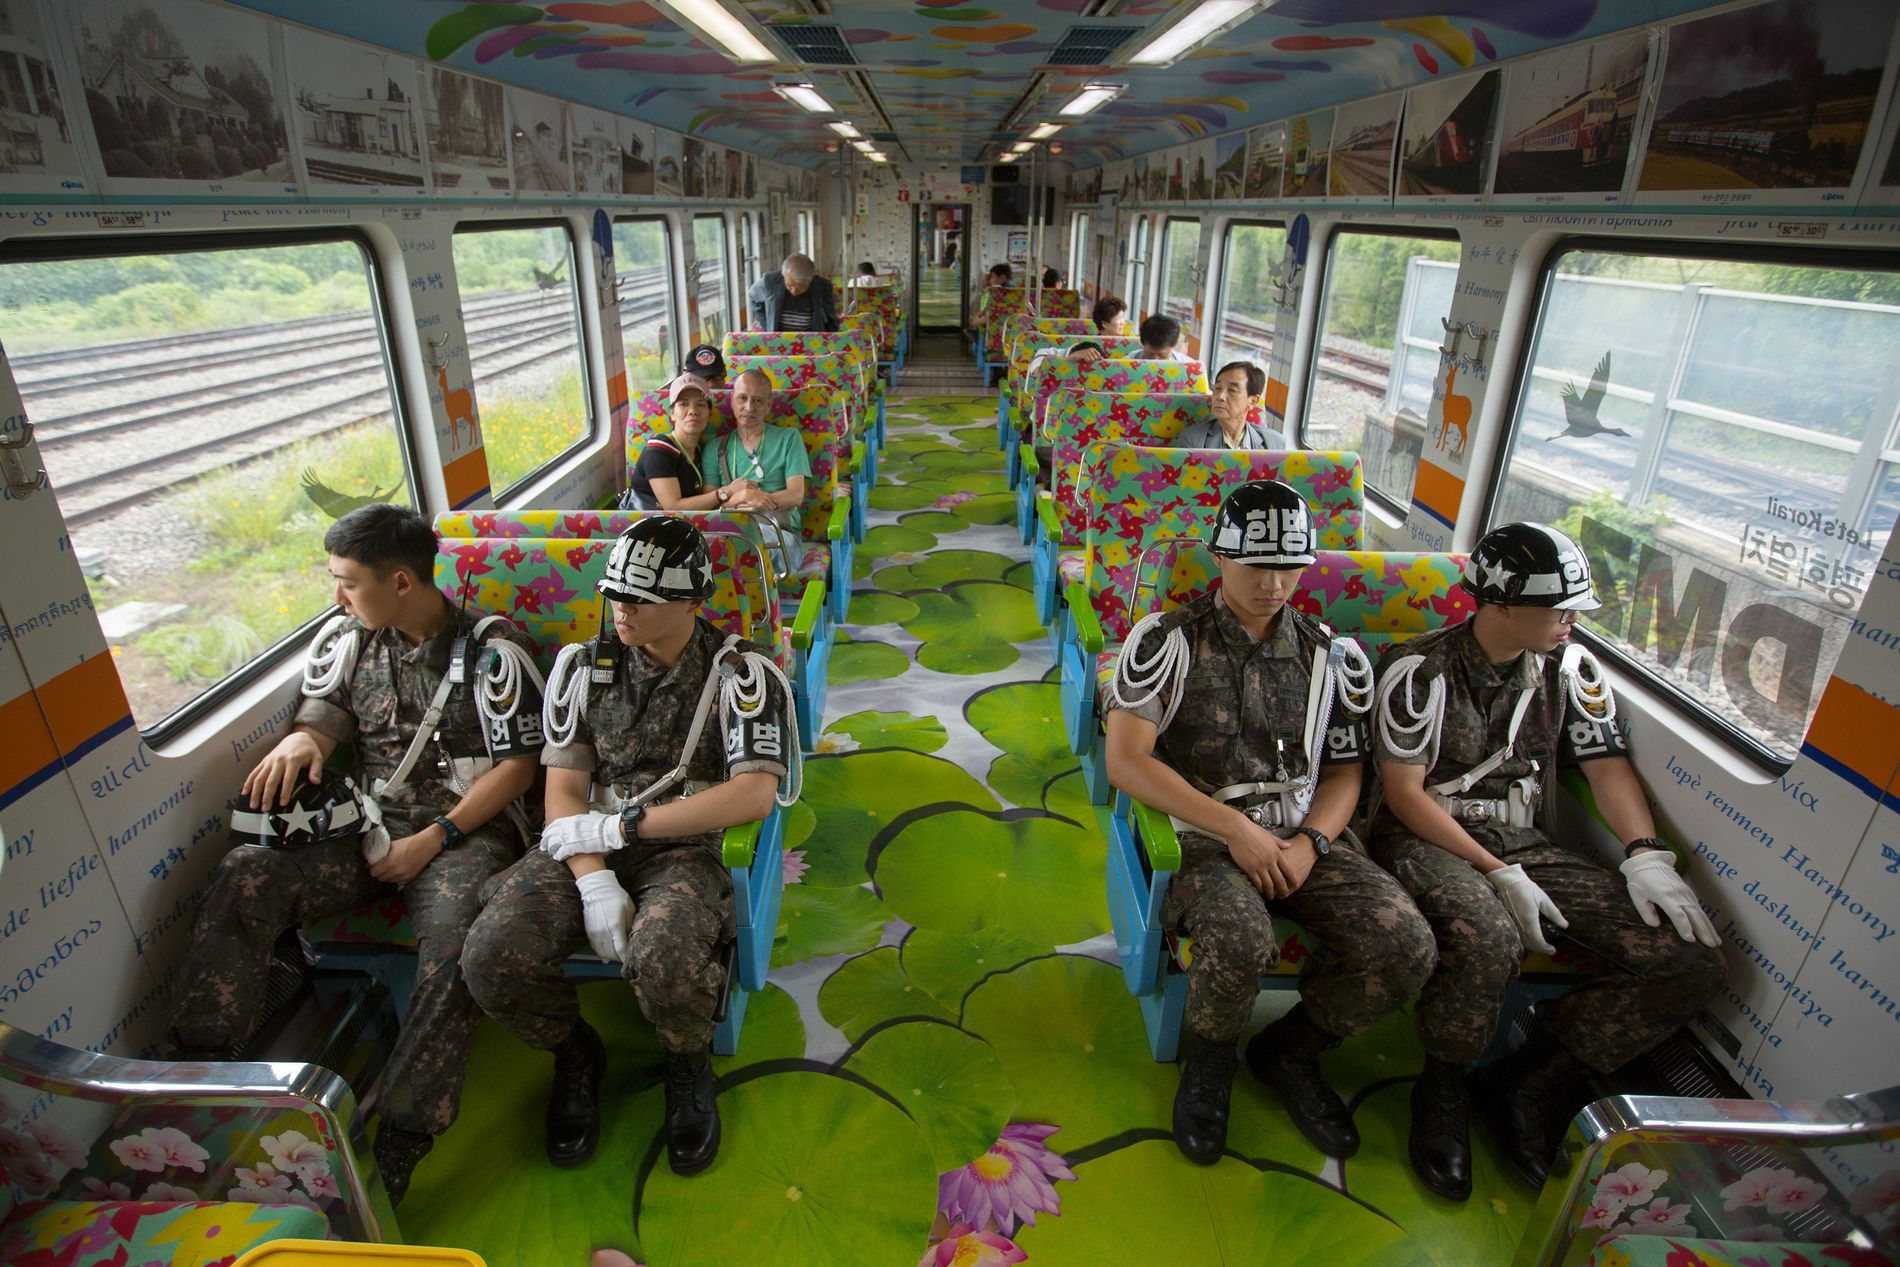 El Tren de la Paz de la zona desmilitarizada (Demilitarized Zone; DMZ) transporta soldados de Corea ...